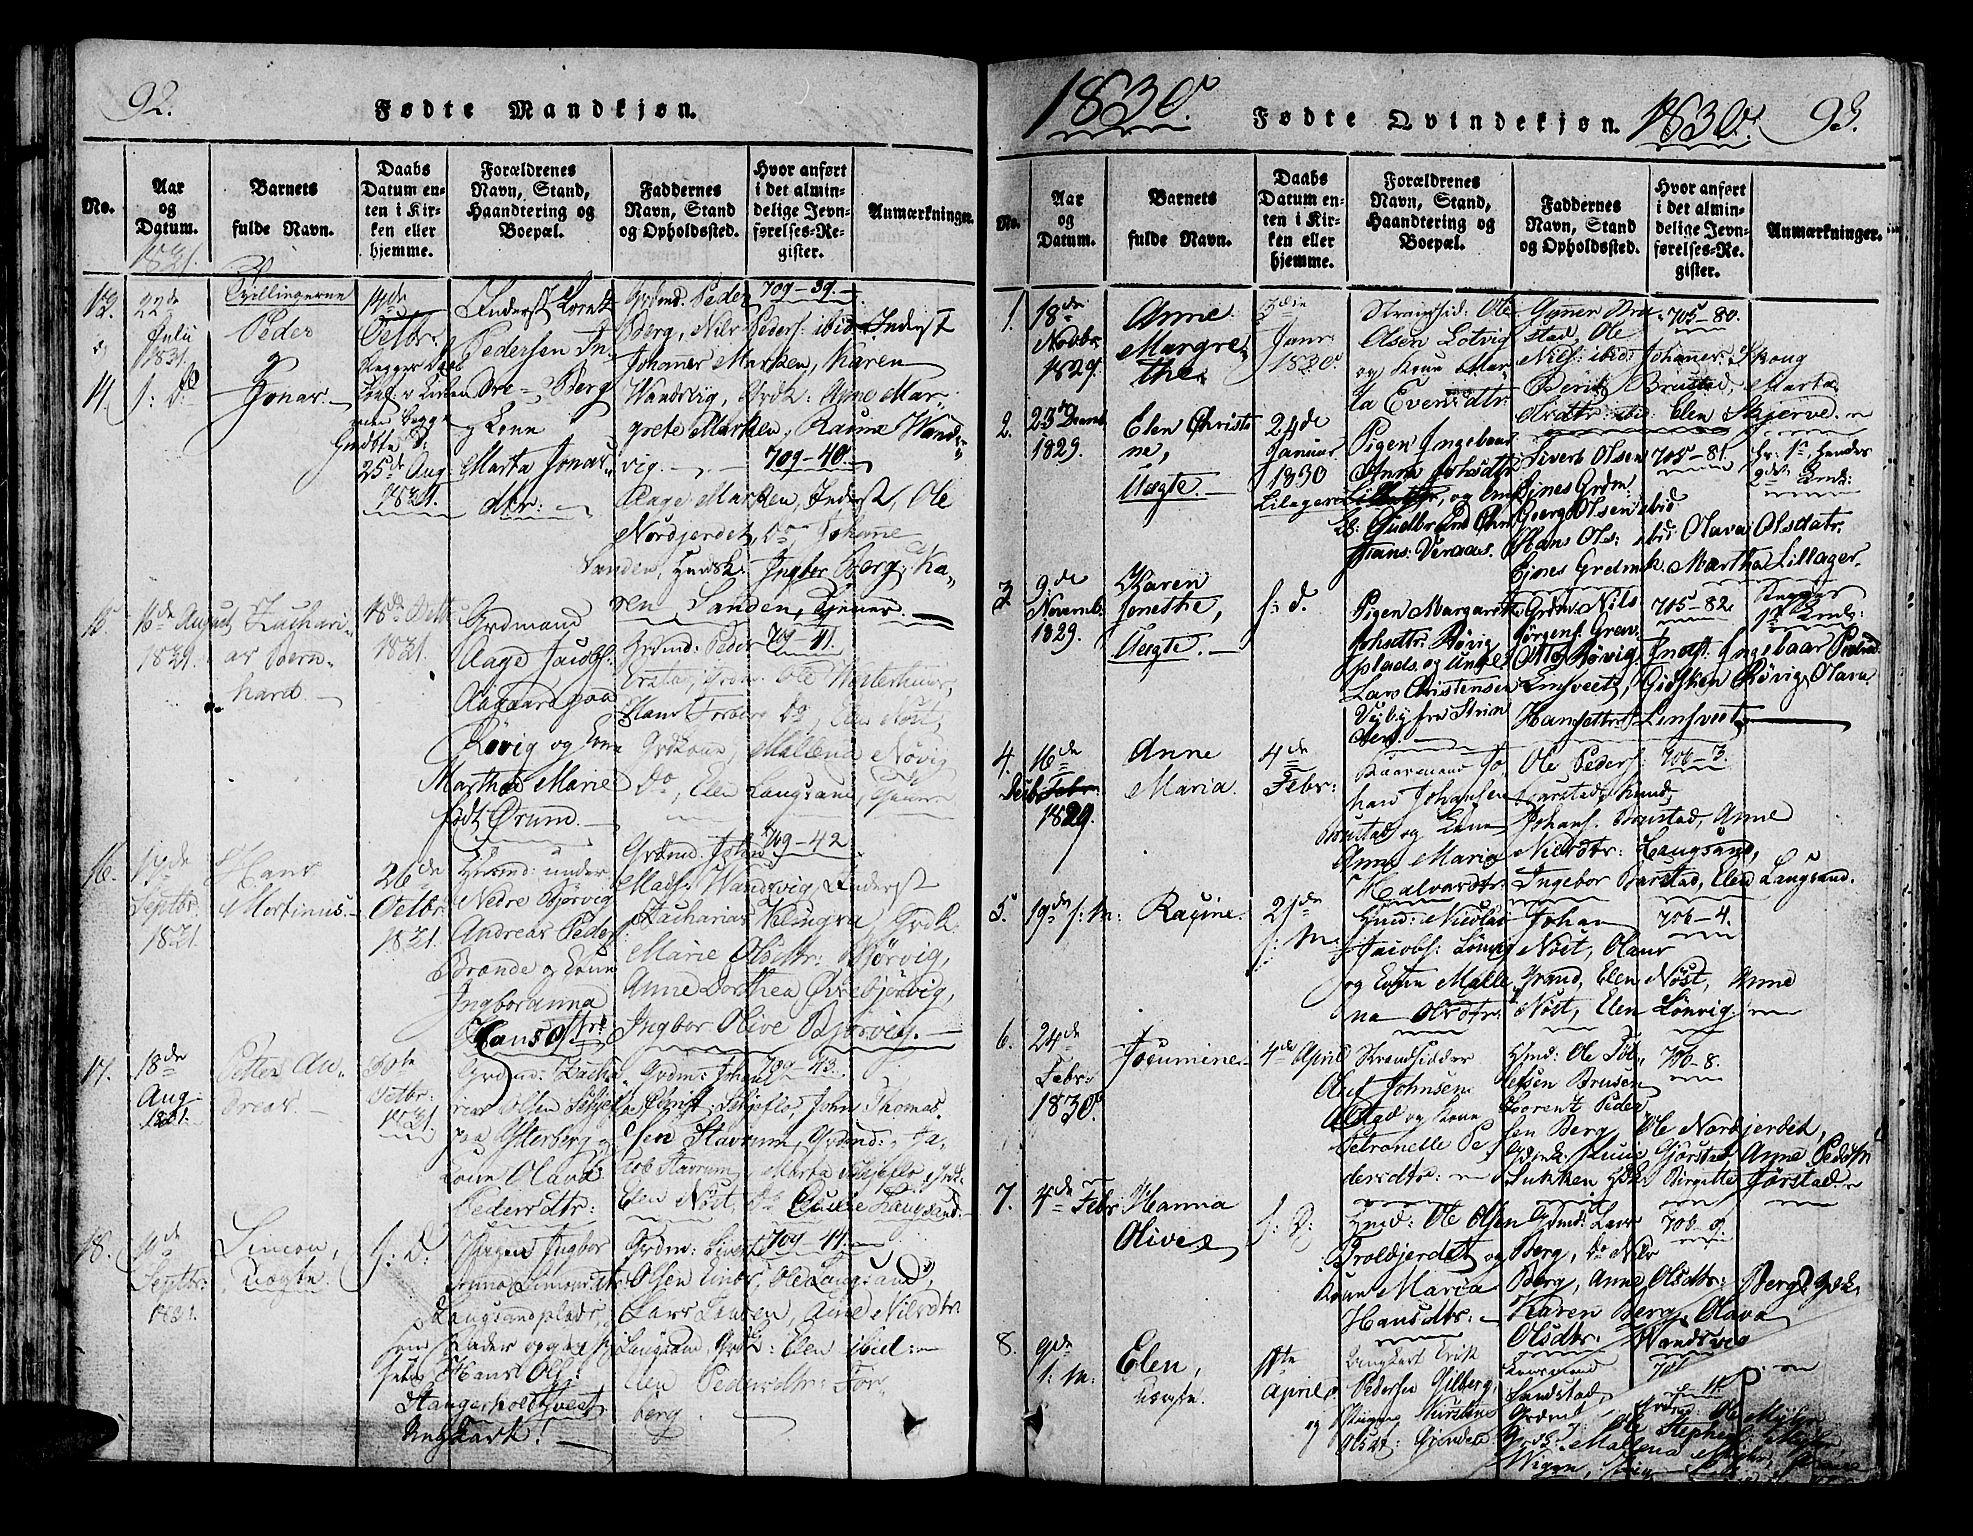 SAT, Ministerialprotokoller, klokkerbøker og fødselsregistre - Nord-Trøndelag, 722/L0217: Ministerialbok nr. 722A04, 1817-1842, s. 92-93